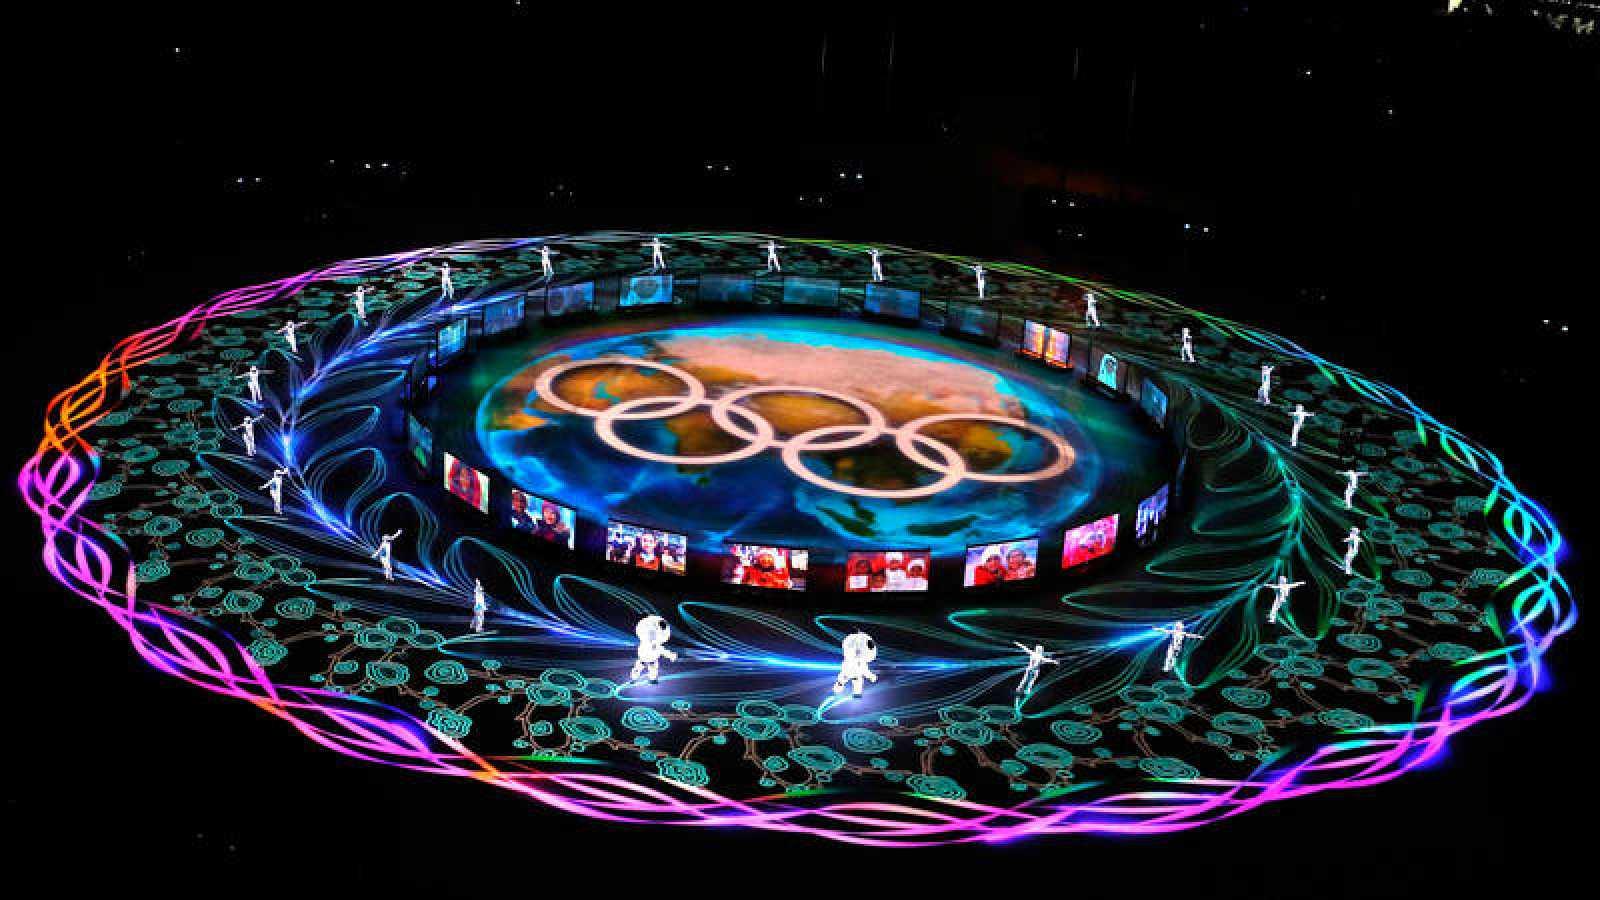 Ceremonia de Clausura de Pyeongchang 2018.